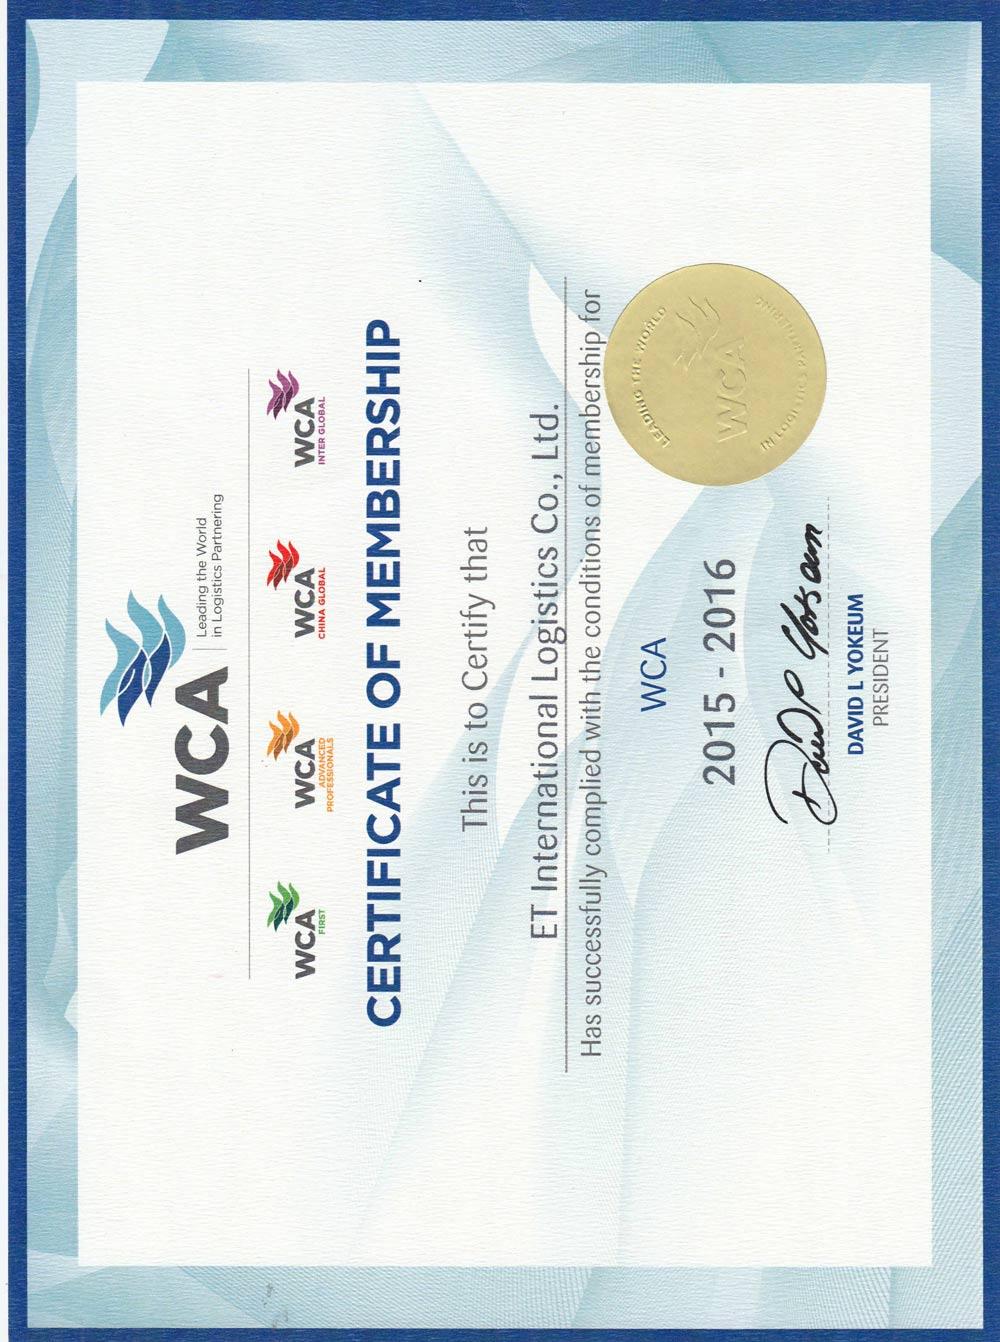 Member of WCA